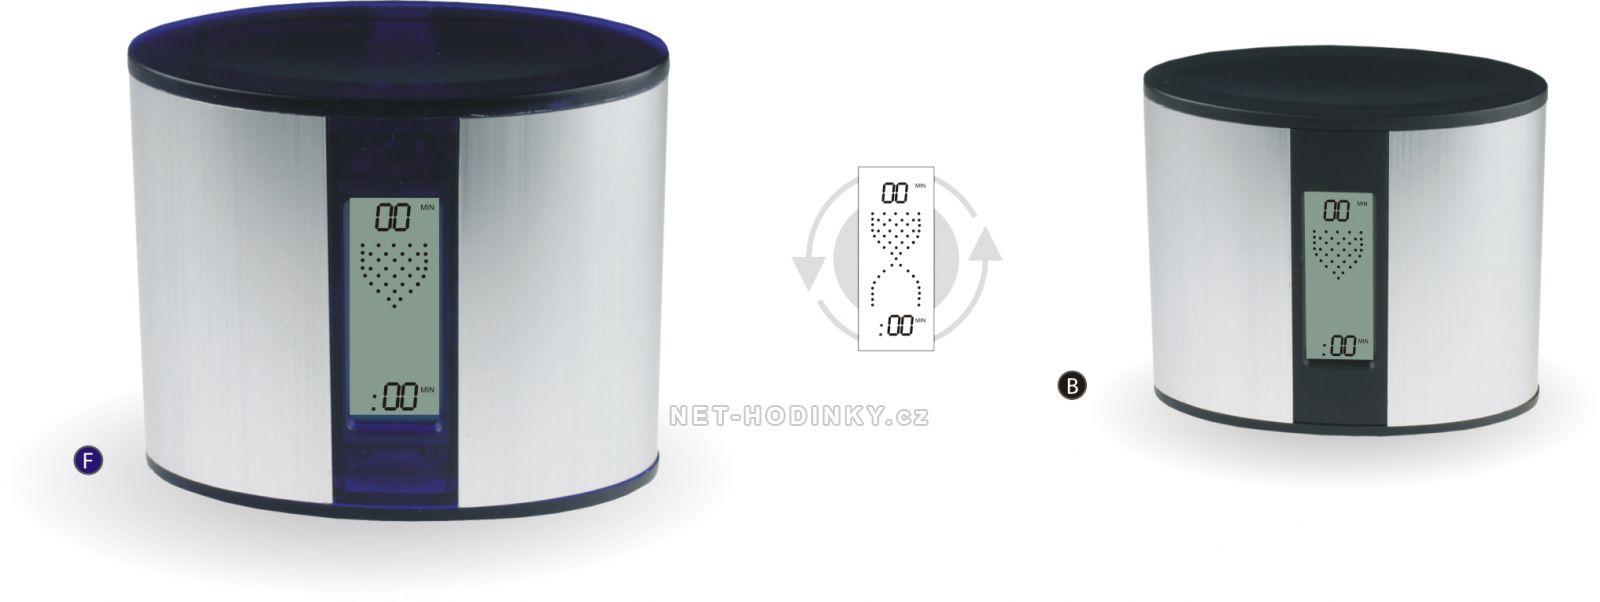 Minutky Budíky C02.2575.065, minutky do kuchyně, laboratoře, kanceláře 3070 - modrá/stříbrná